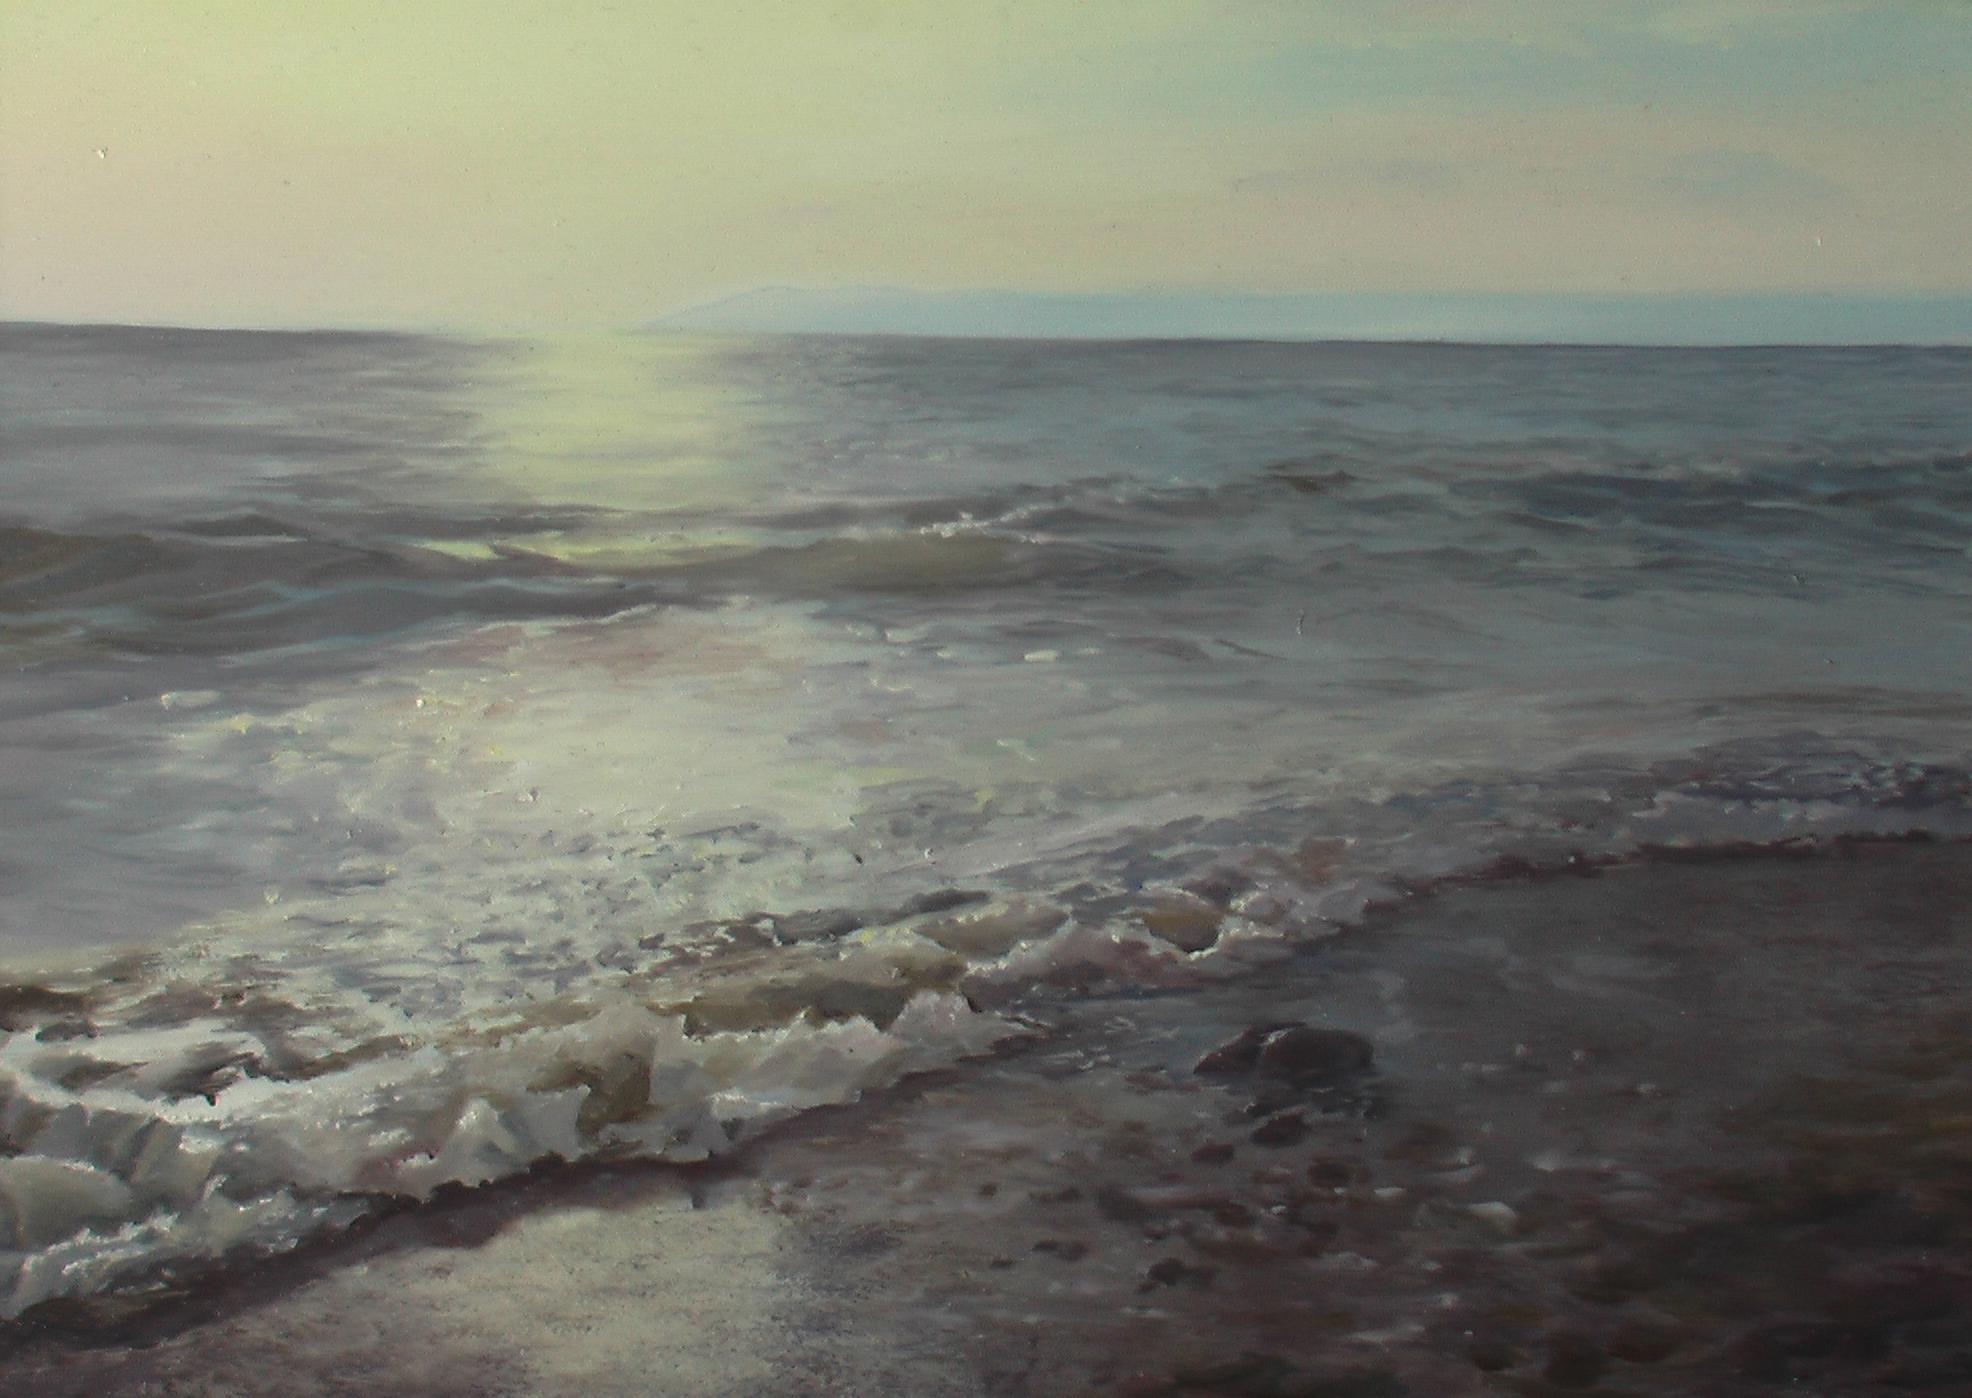 море волнуется....jpg